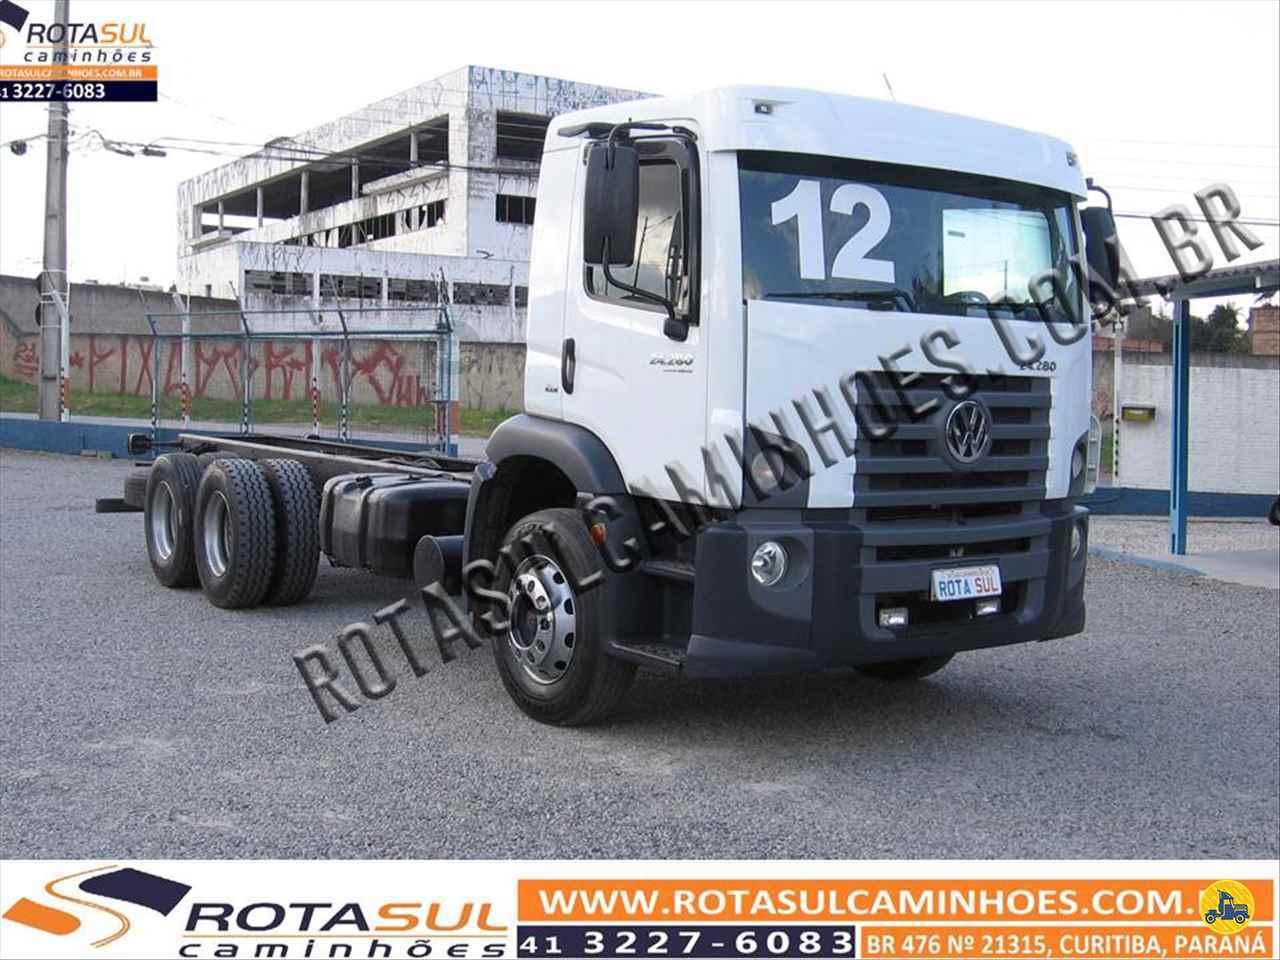 CAMINHAO VOLKSWAGEN VW 24280 Chassis Truck 6x2 Rota Sul Caminhões CURITIBA PARANÁ PR